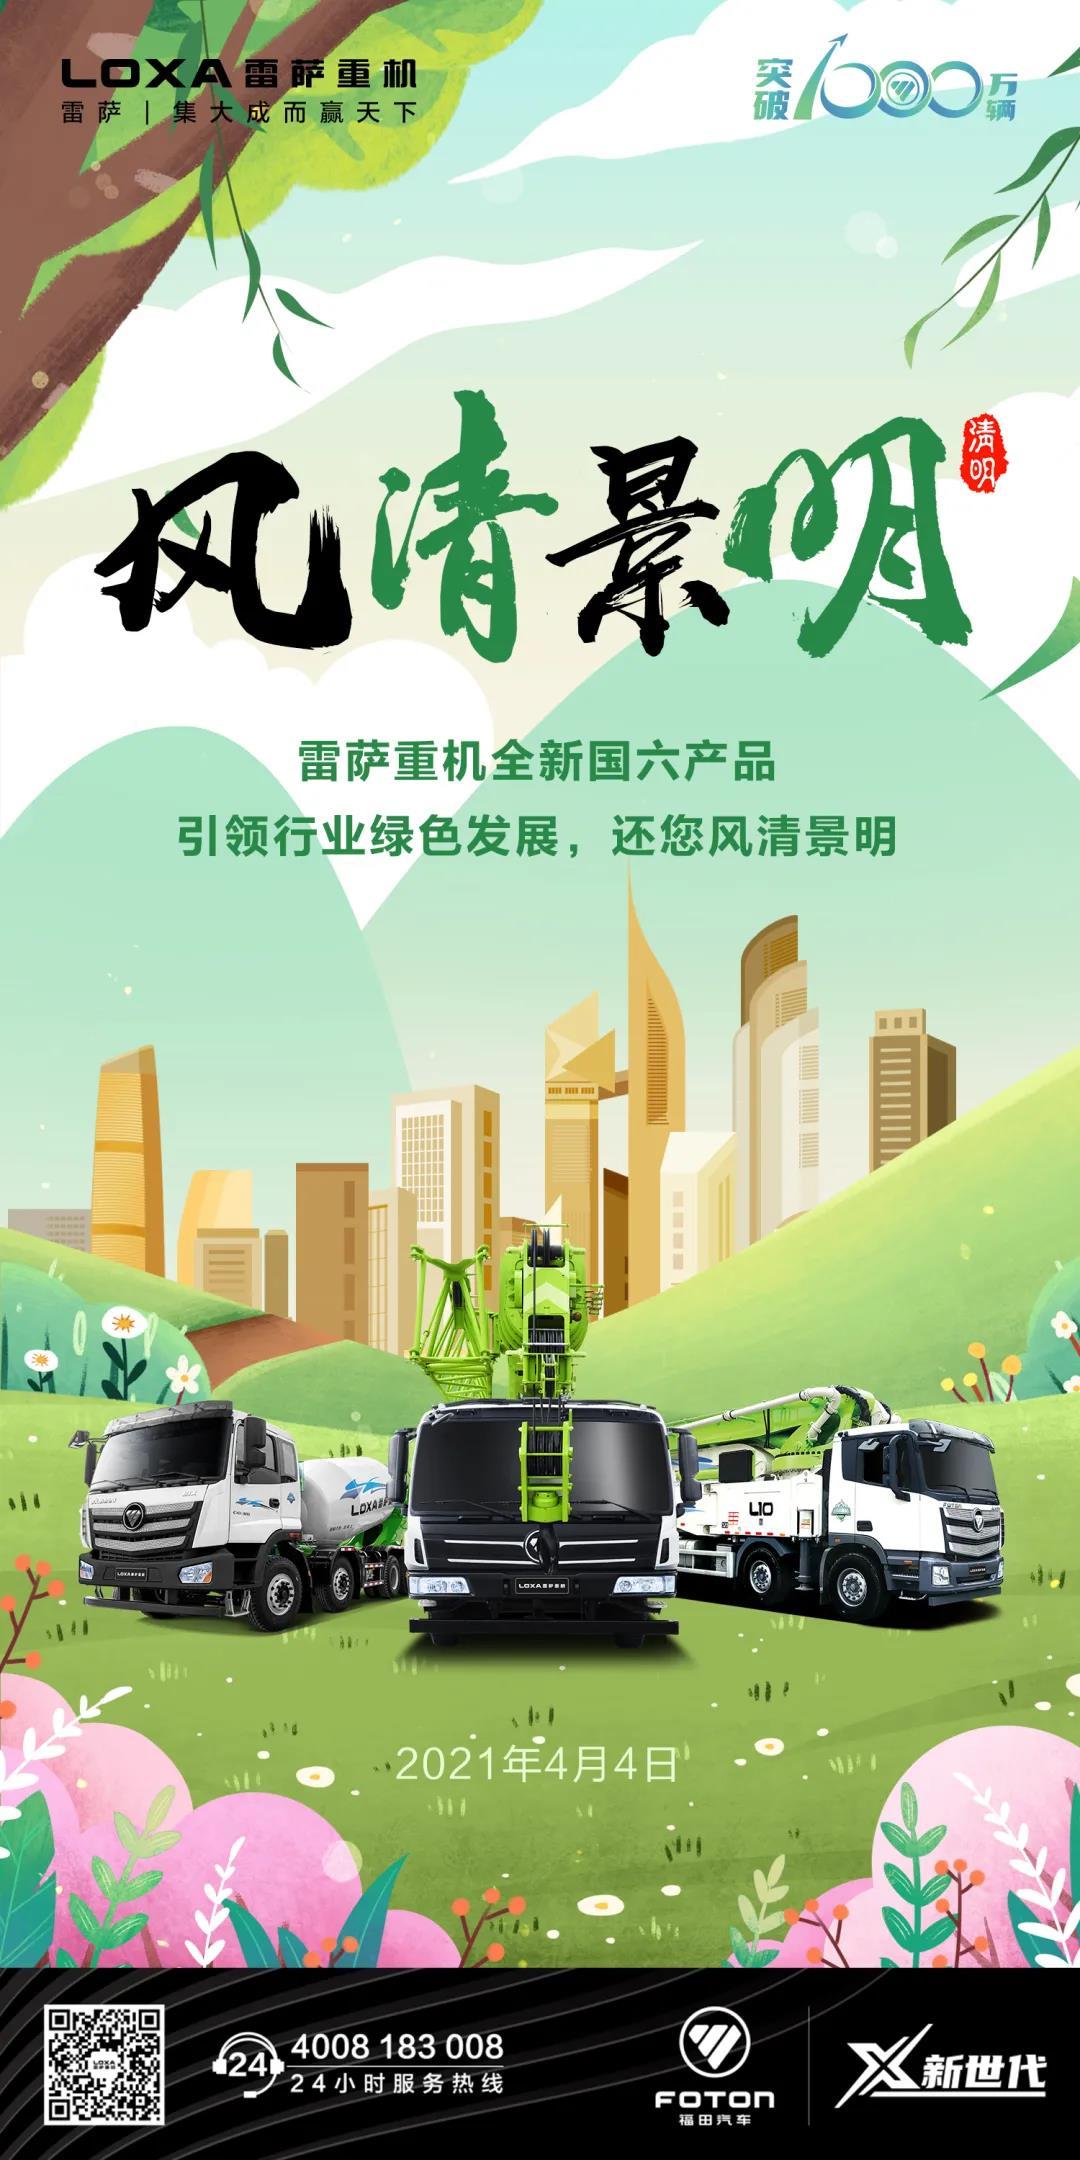 清明节 | 雷萨重机引领行业绿色发展,还您风清景明